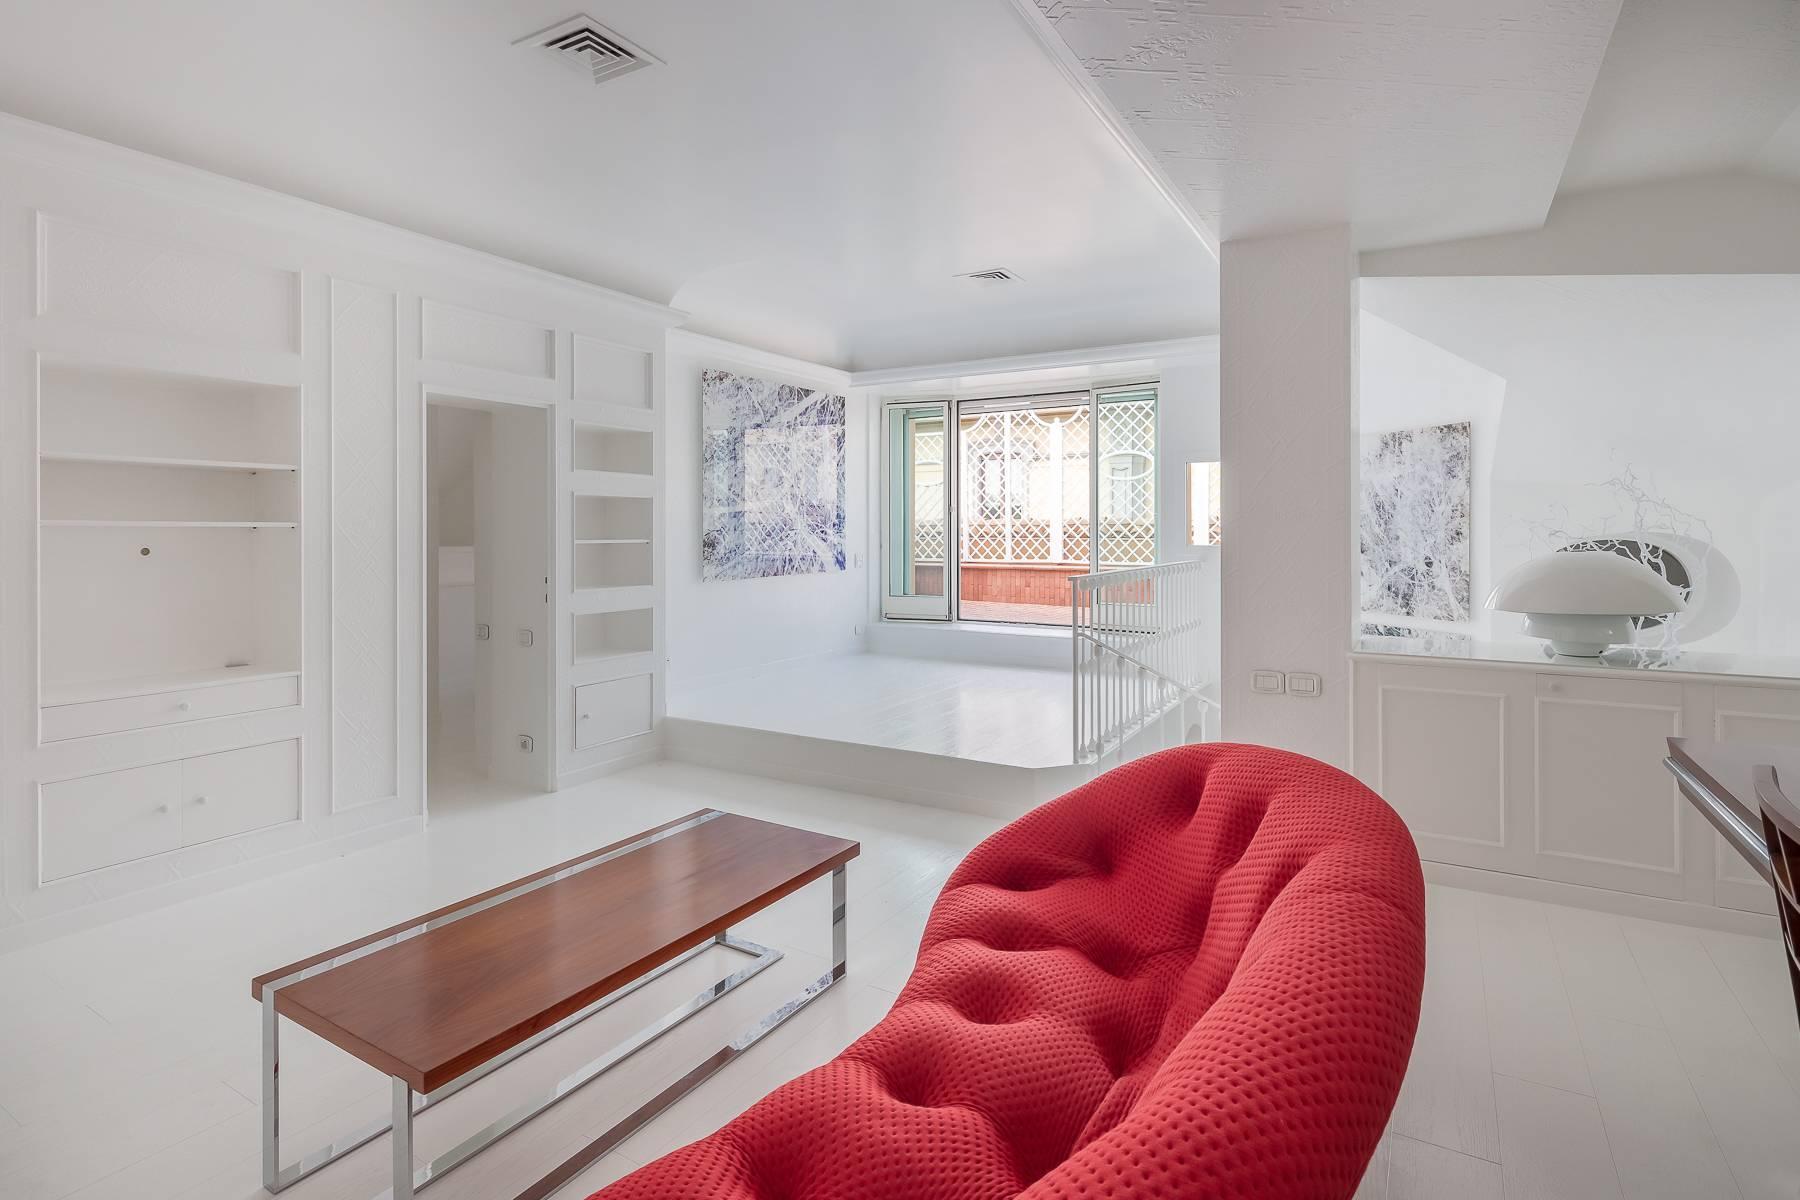 Top-floor apartment for rent in Via Tamburini - 15